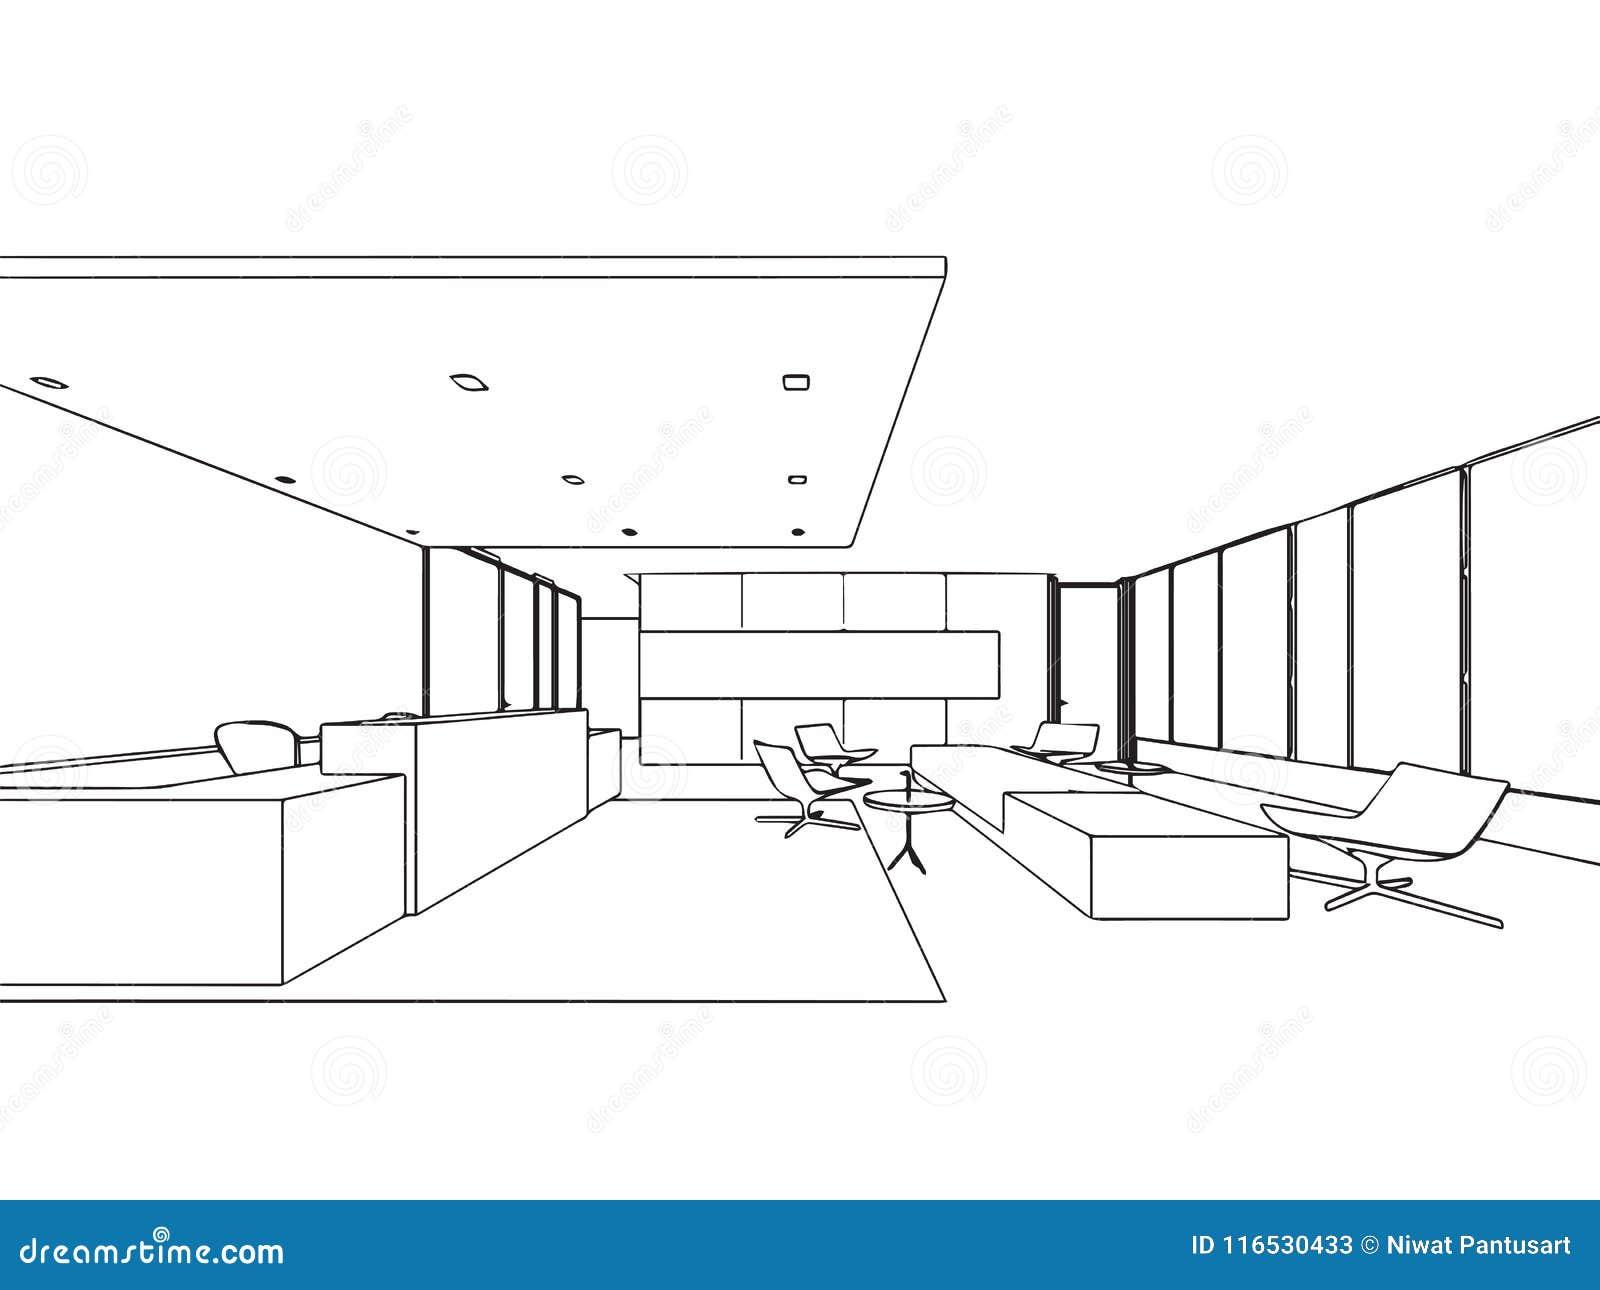 Bureau Isometrique Interieur De Perspective De Dessin De Croquis D